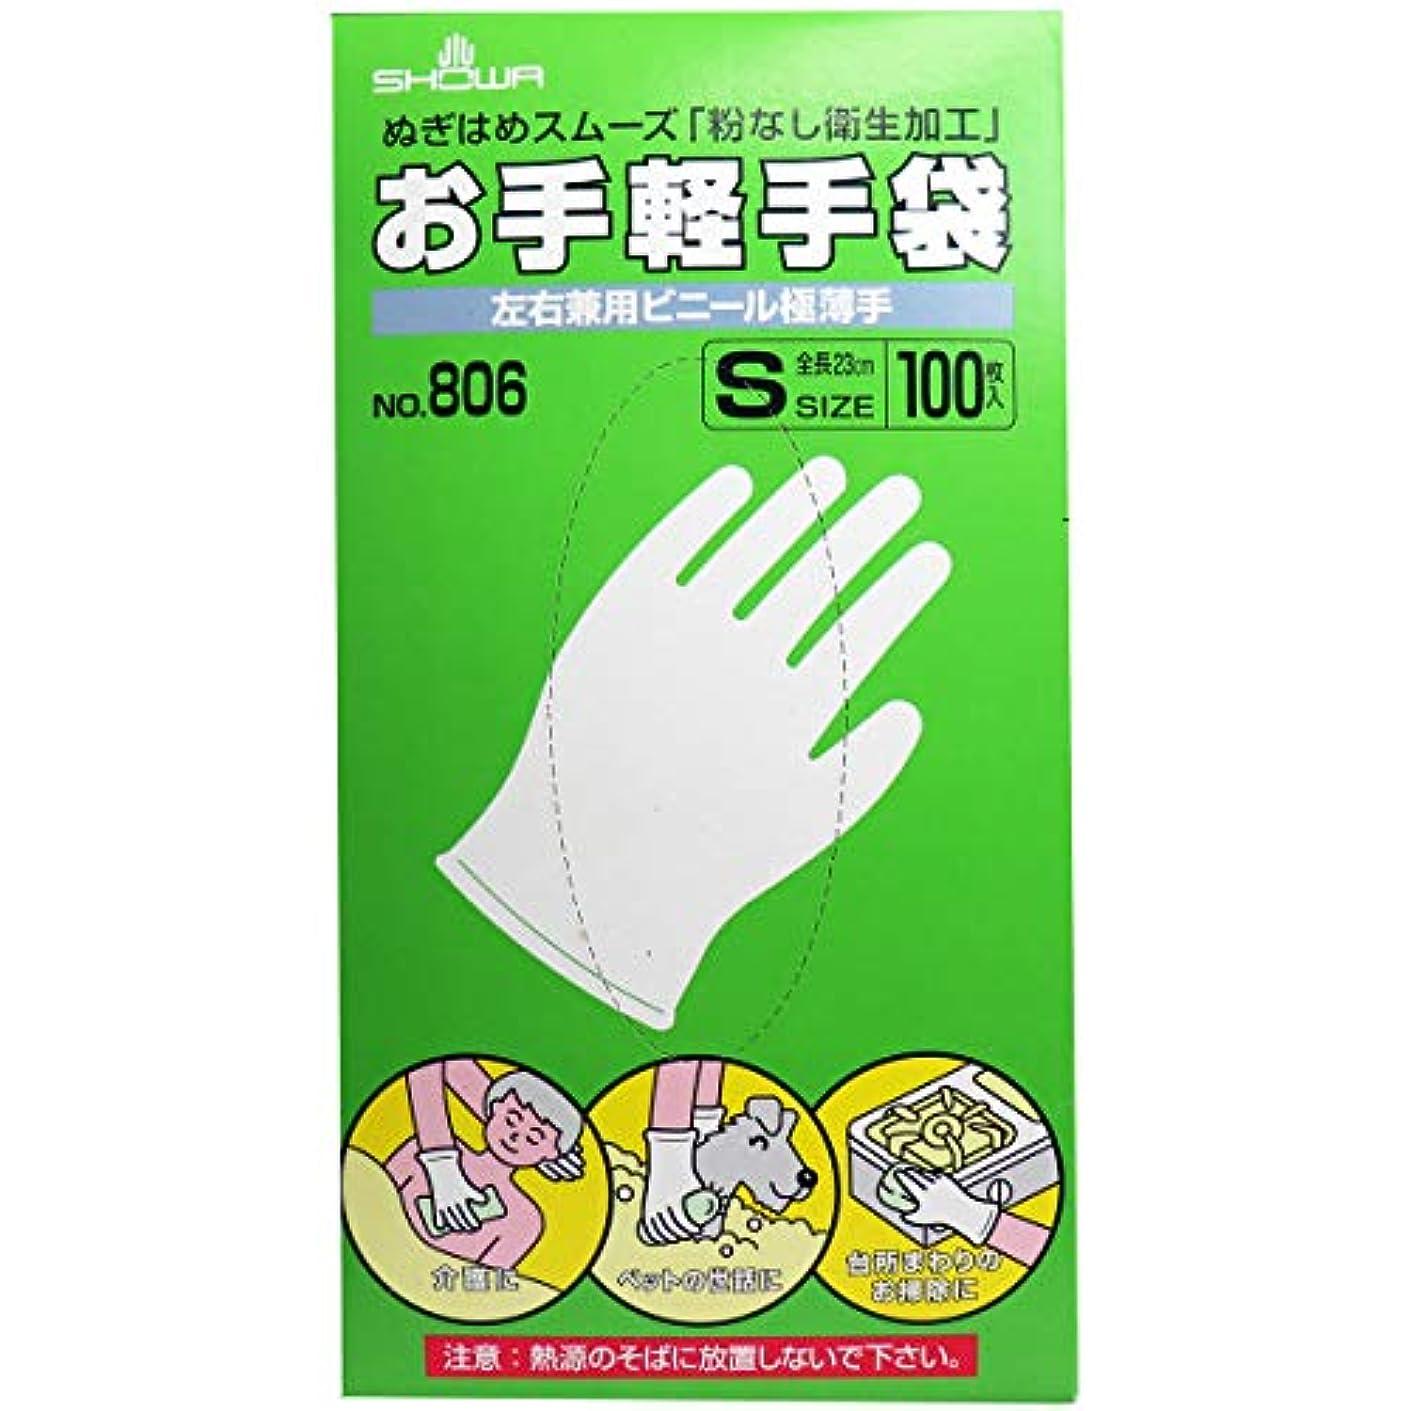 煙質量文献お手軽手袋 No.806 左右兼用ビニール極薄手 粉なし Sサイズ 100枚入×10個セット